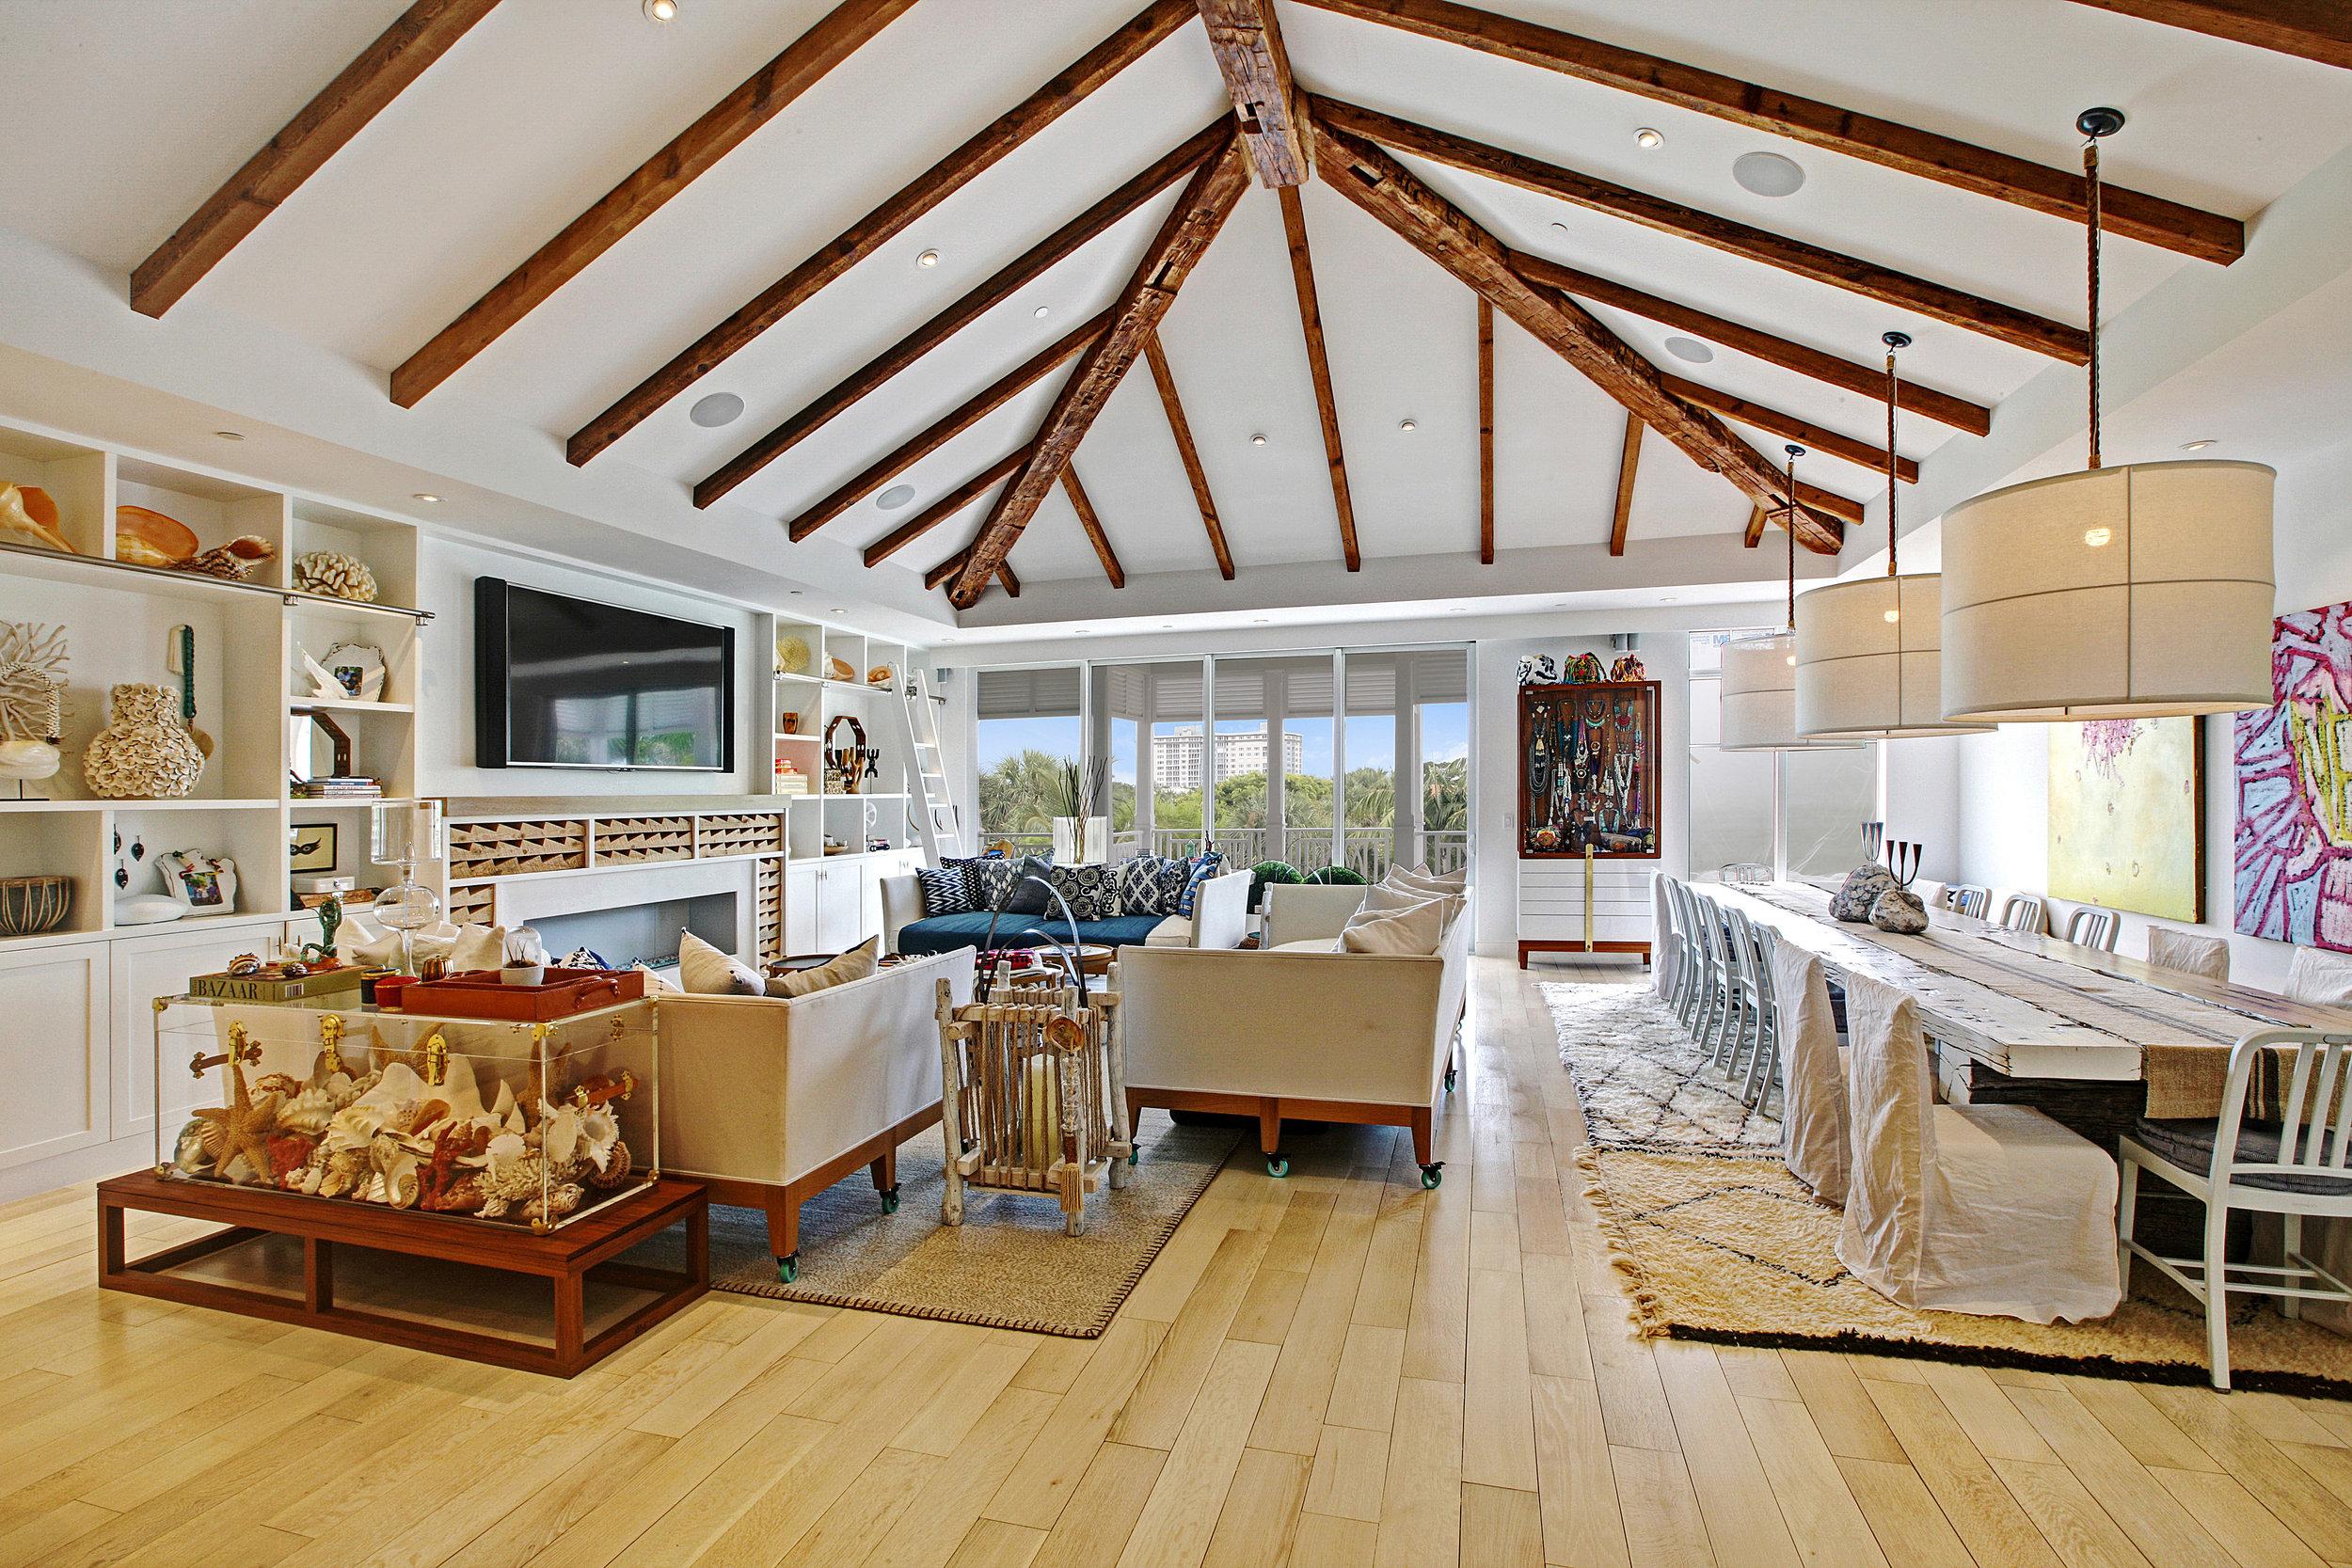 Custom Condominium | Delray Beach, FL  Architect | Gary Eliopolis  Interior Designer | The Brooklyn Home Company   View Project